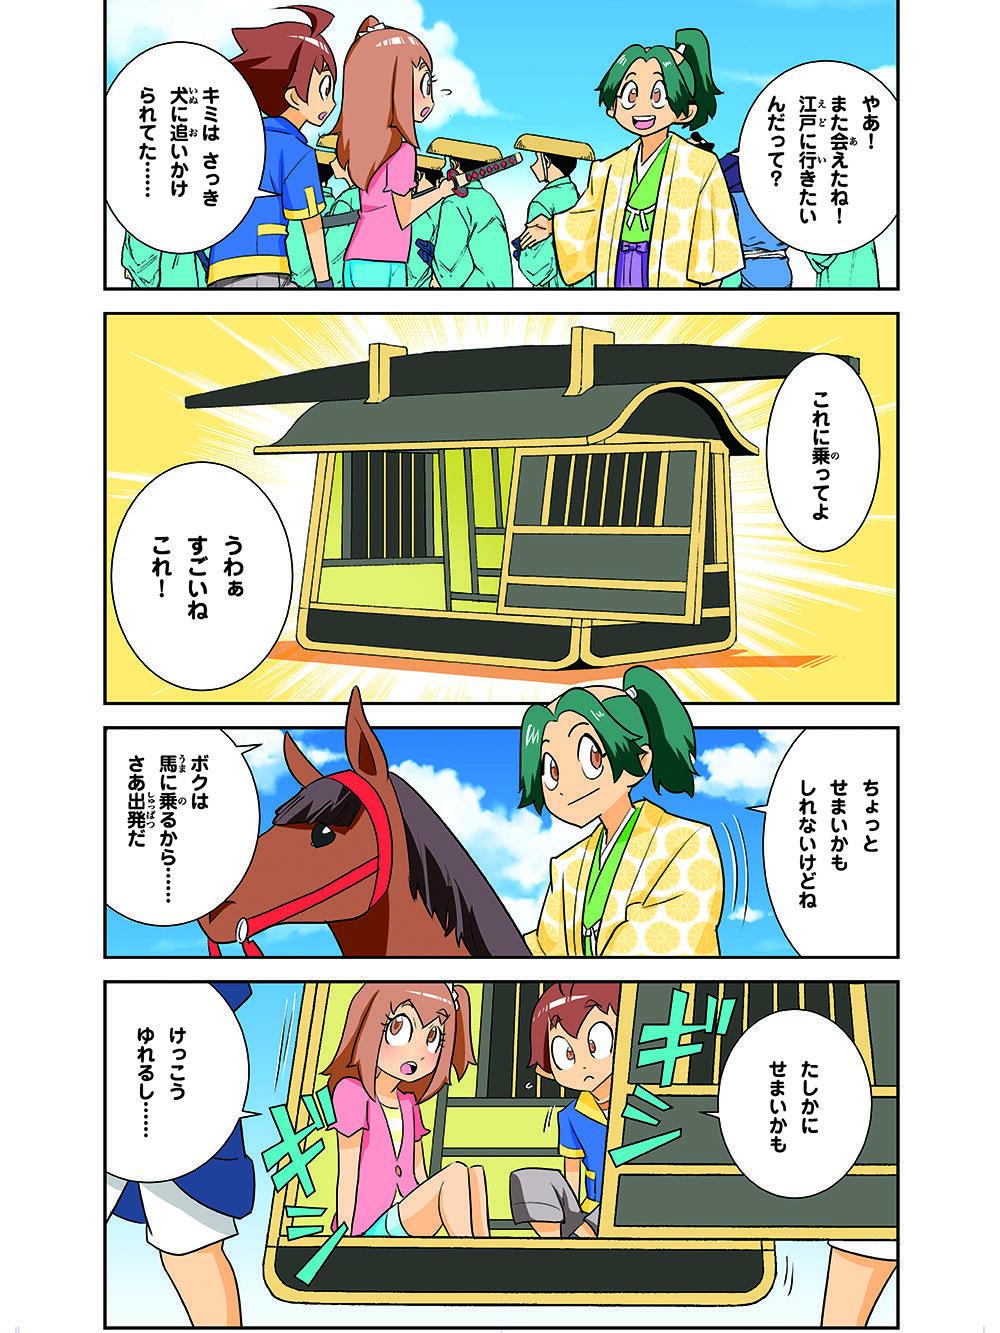 豎滓虻譎ゆサ」_001_繝倥z繝シ繧キ繧兩130.jpg